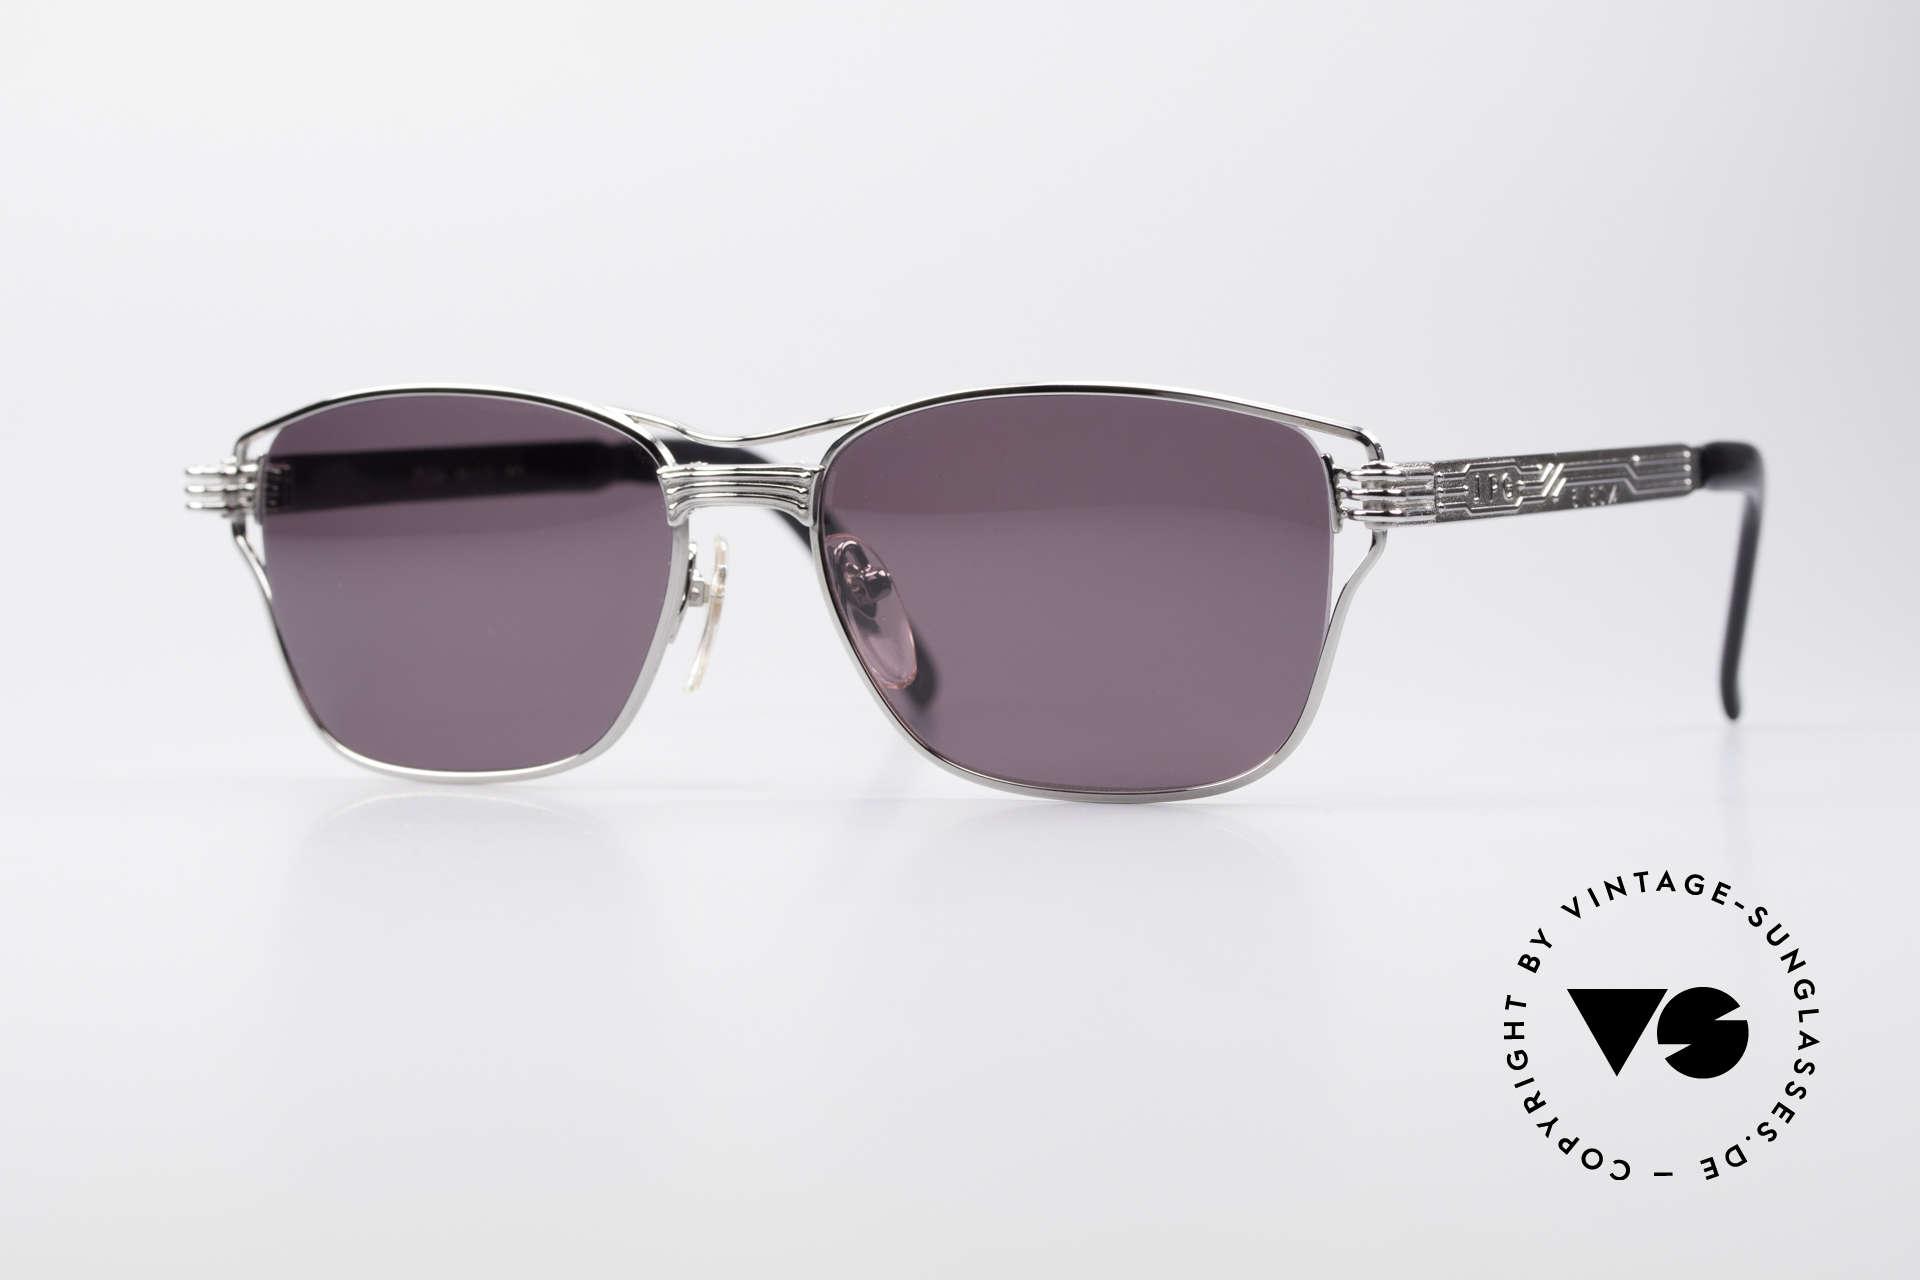 Jean Paul Gaultier 56-4173 Markante Eckige Sonnenbrille, eckige, markante Gaultier Designersonnenbrille, Passend für Herren